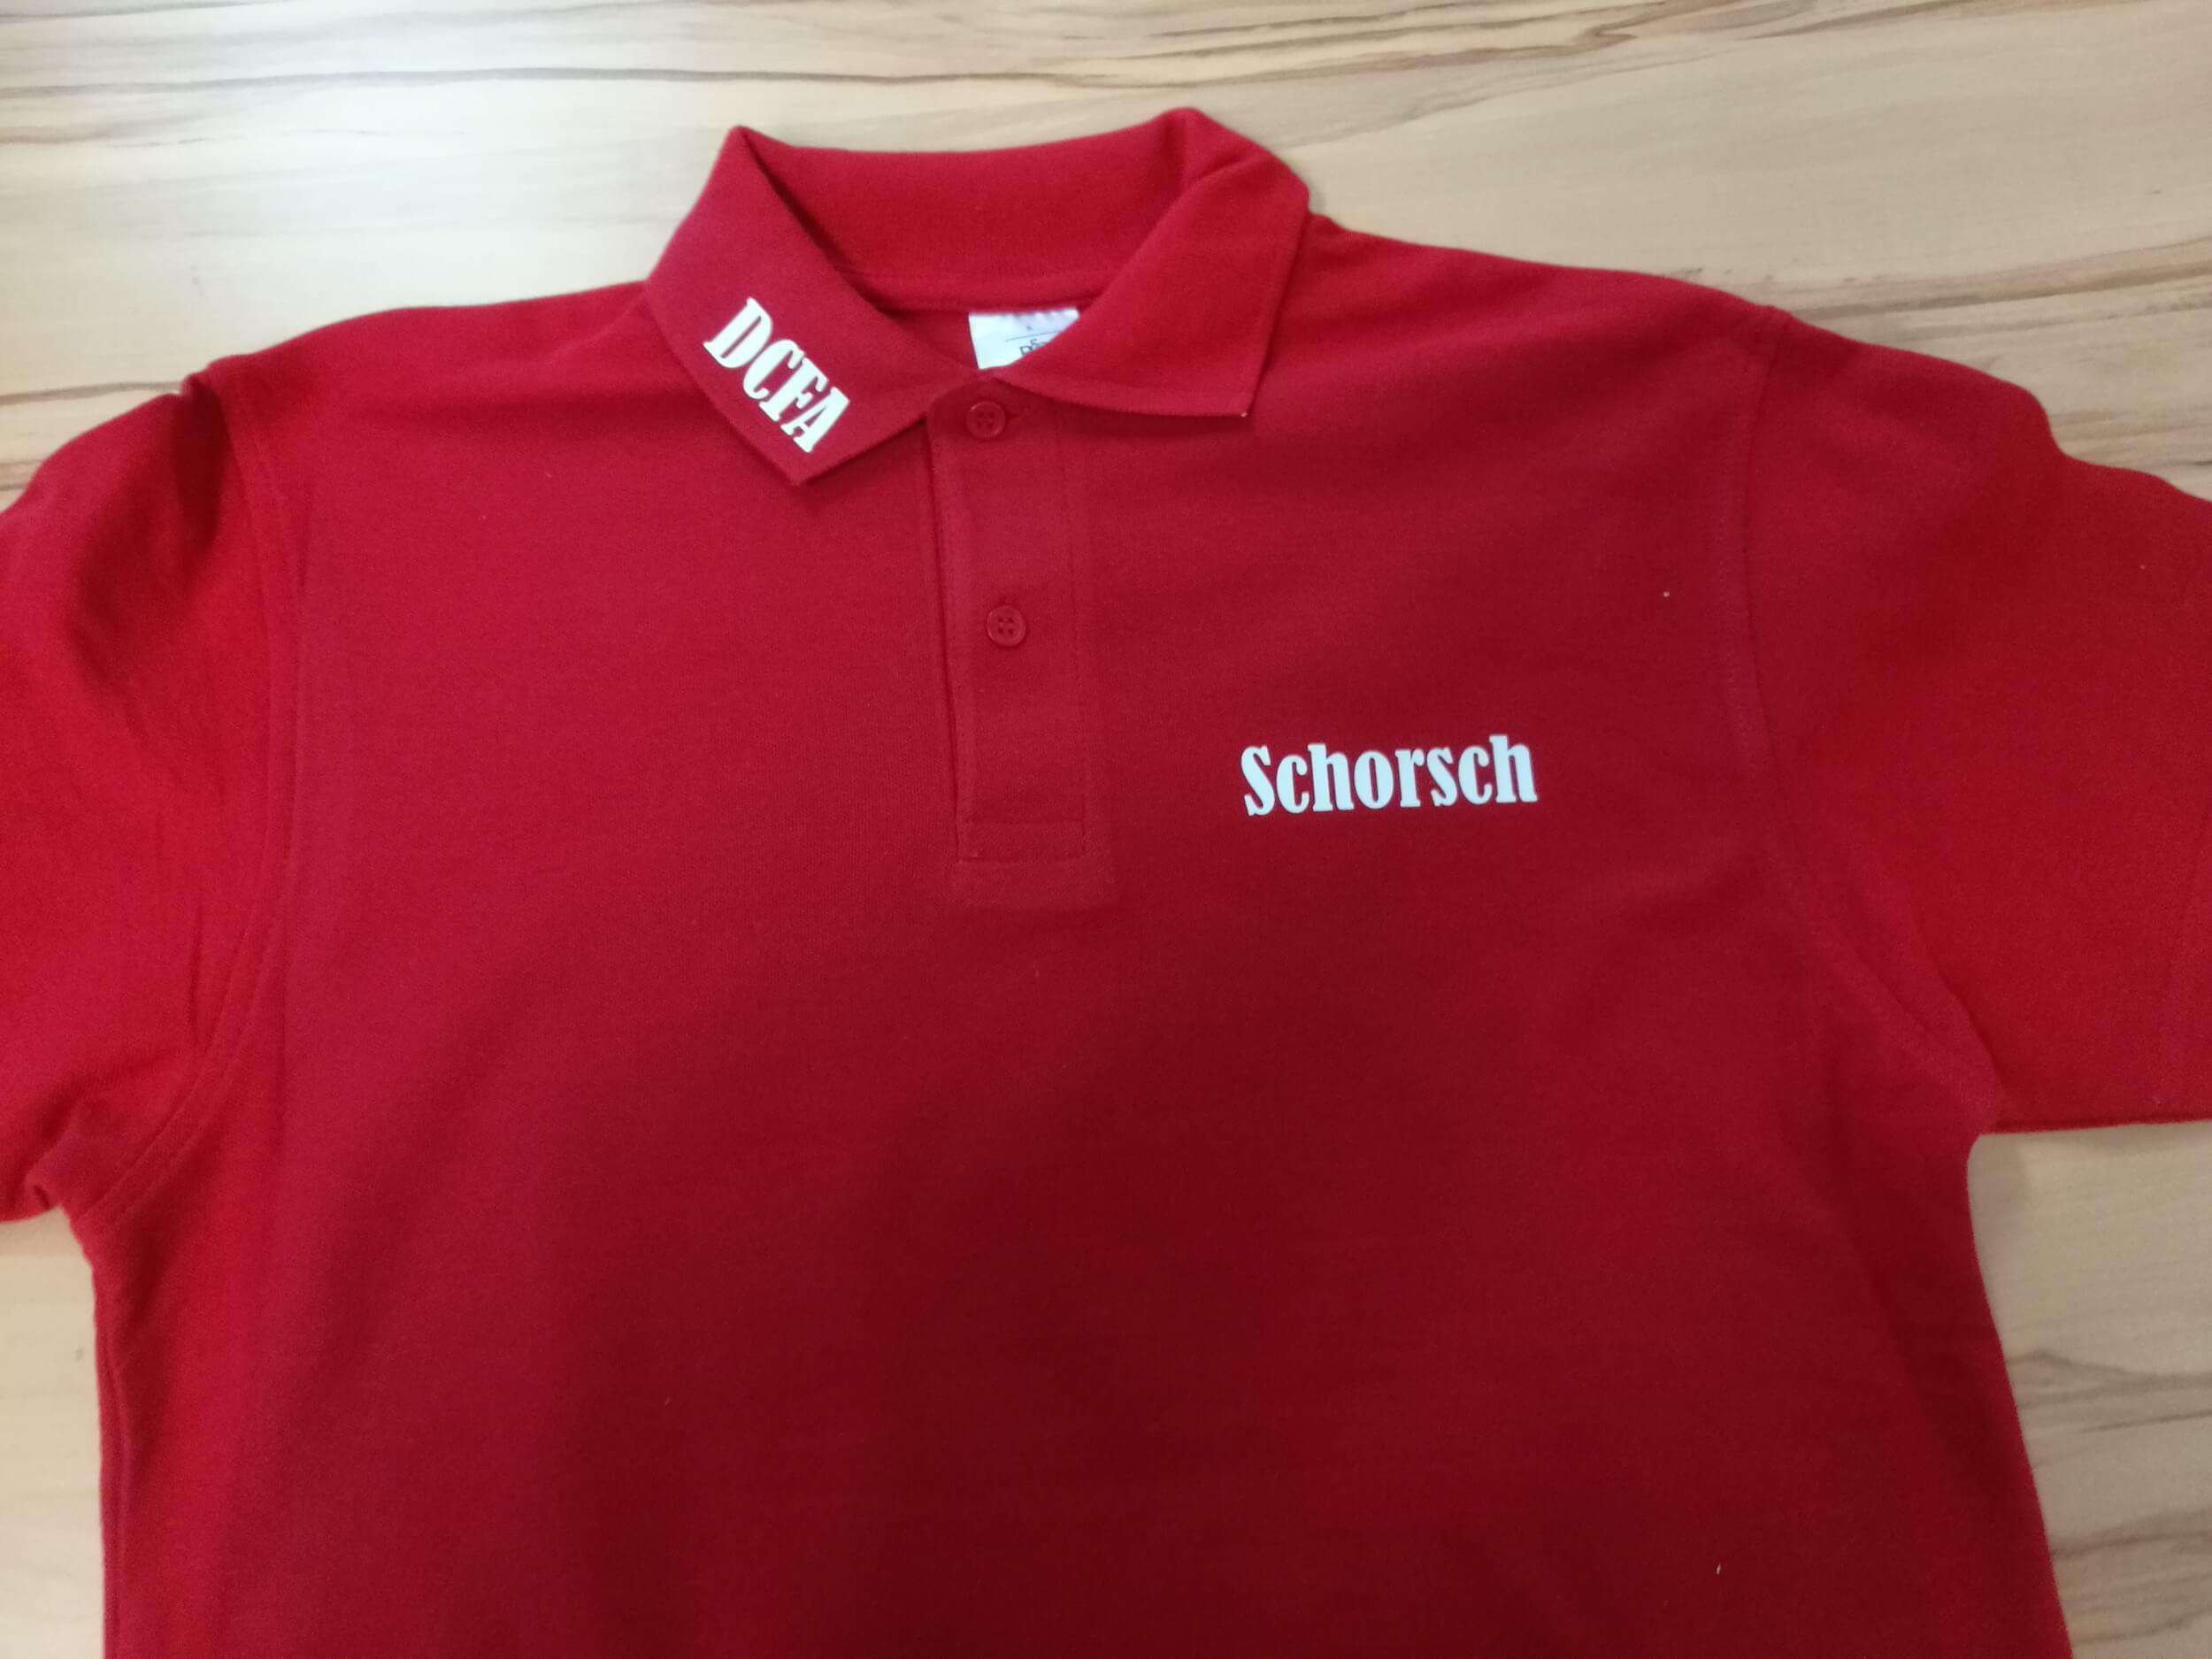 Poloshirt DCFA Schorsch in Rot mit zwei Knöfen, Aufdruck weiss